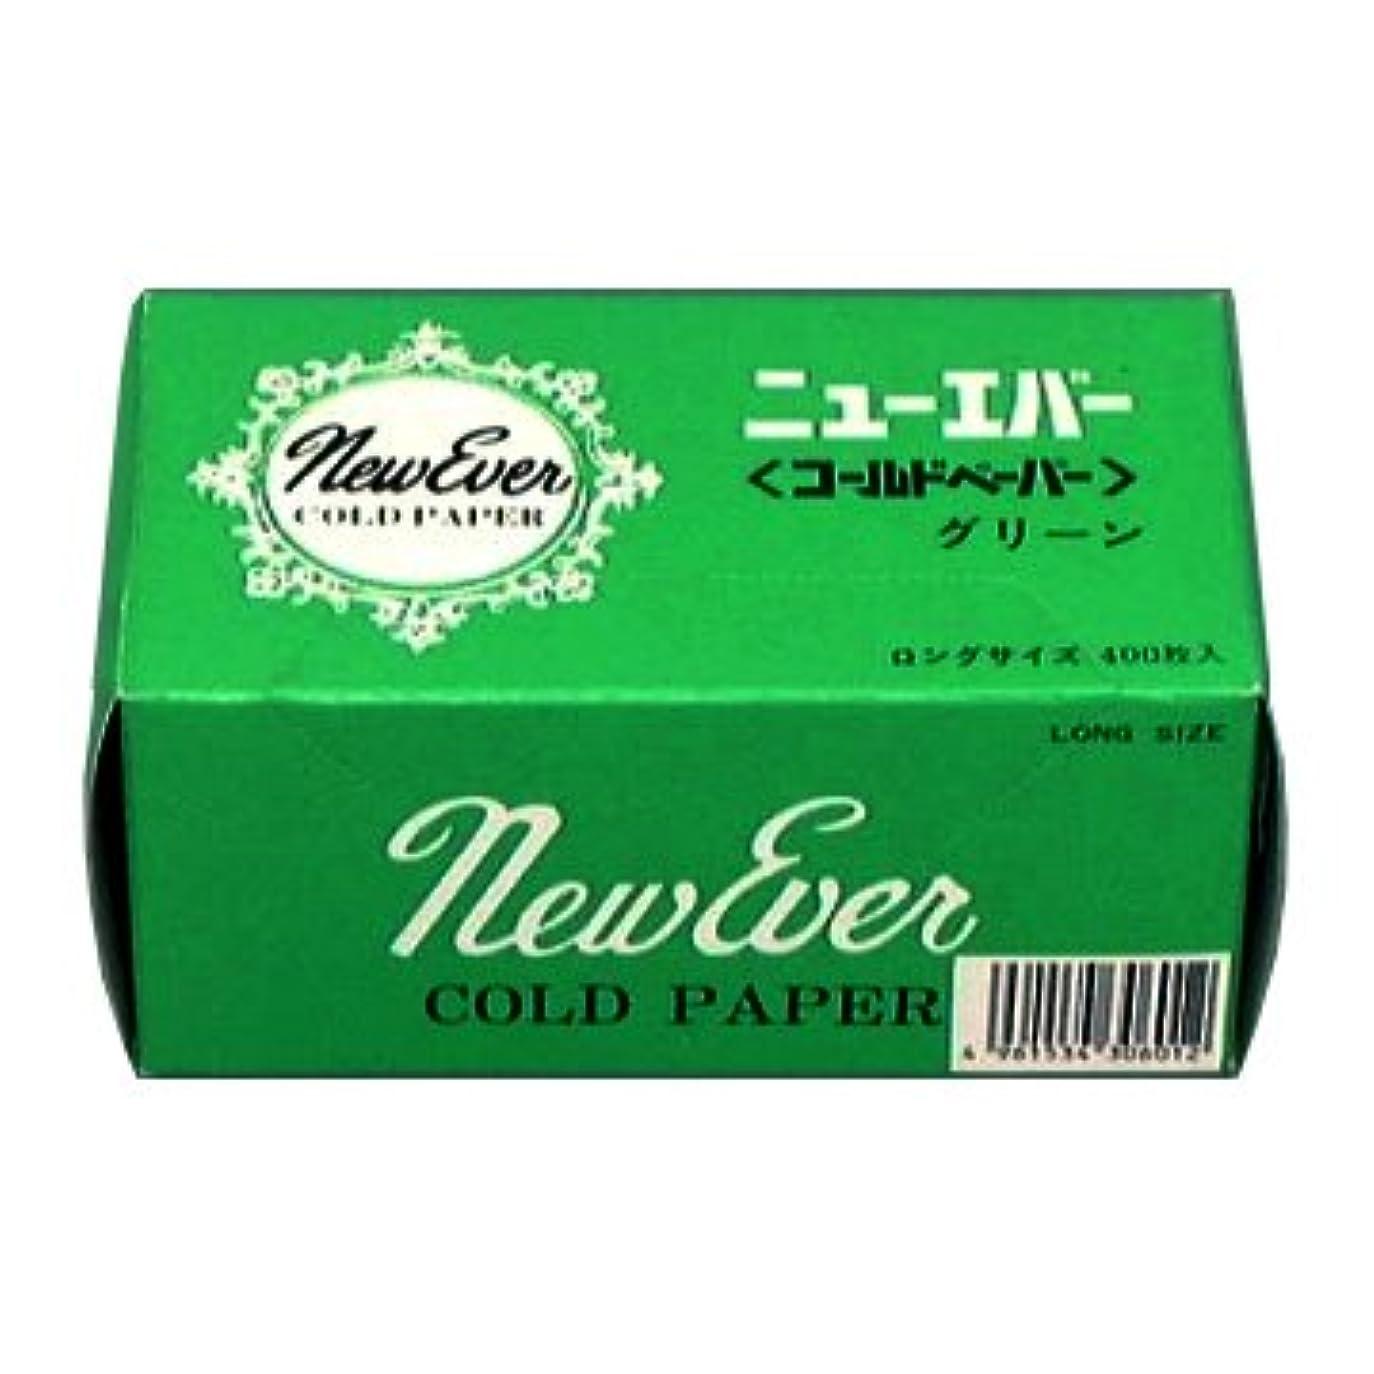 またコンテストパステル米正 ニューエバー コールドペーパー グリーン ロングサイズ 400枚入